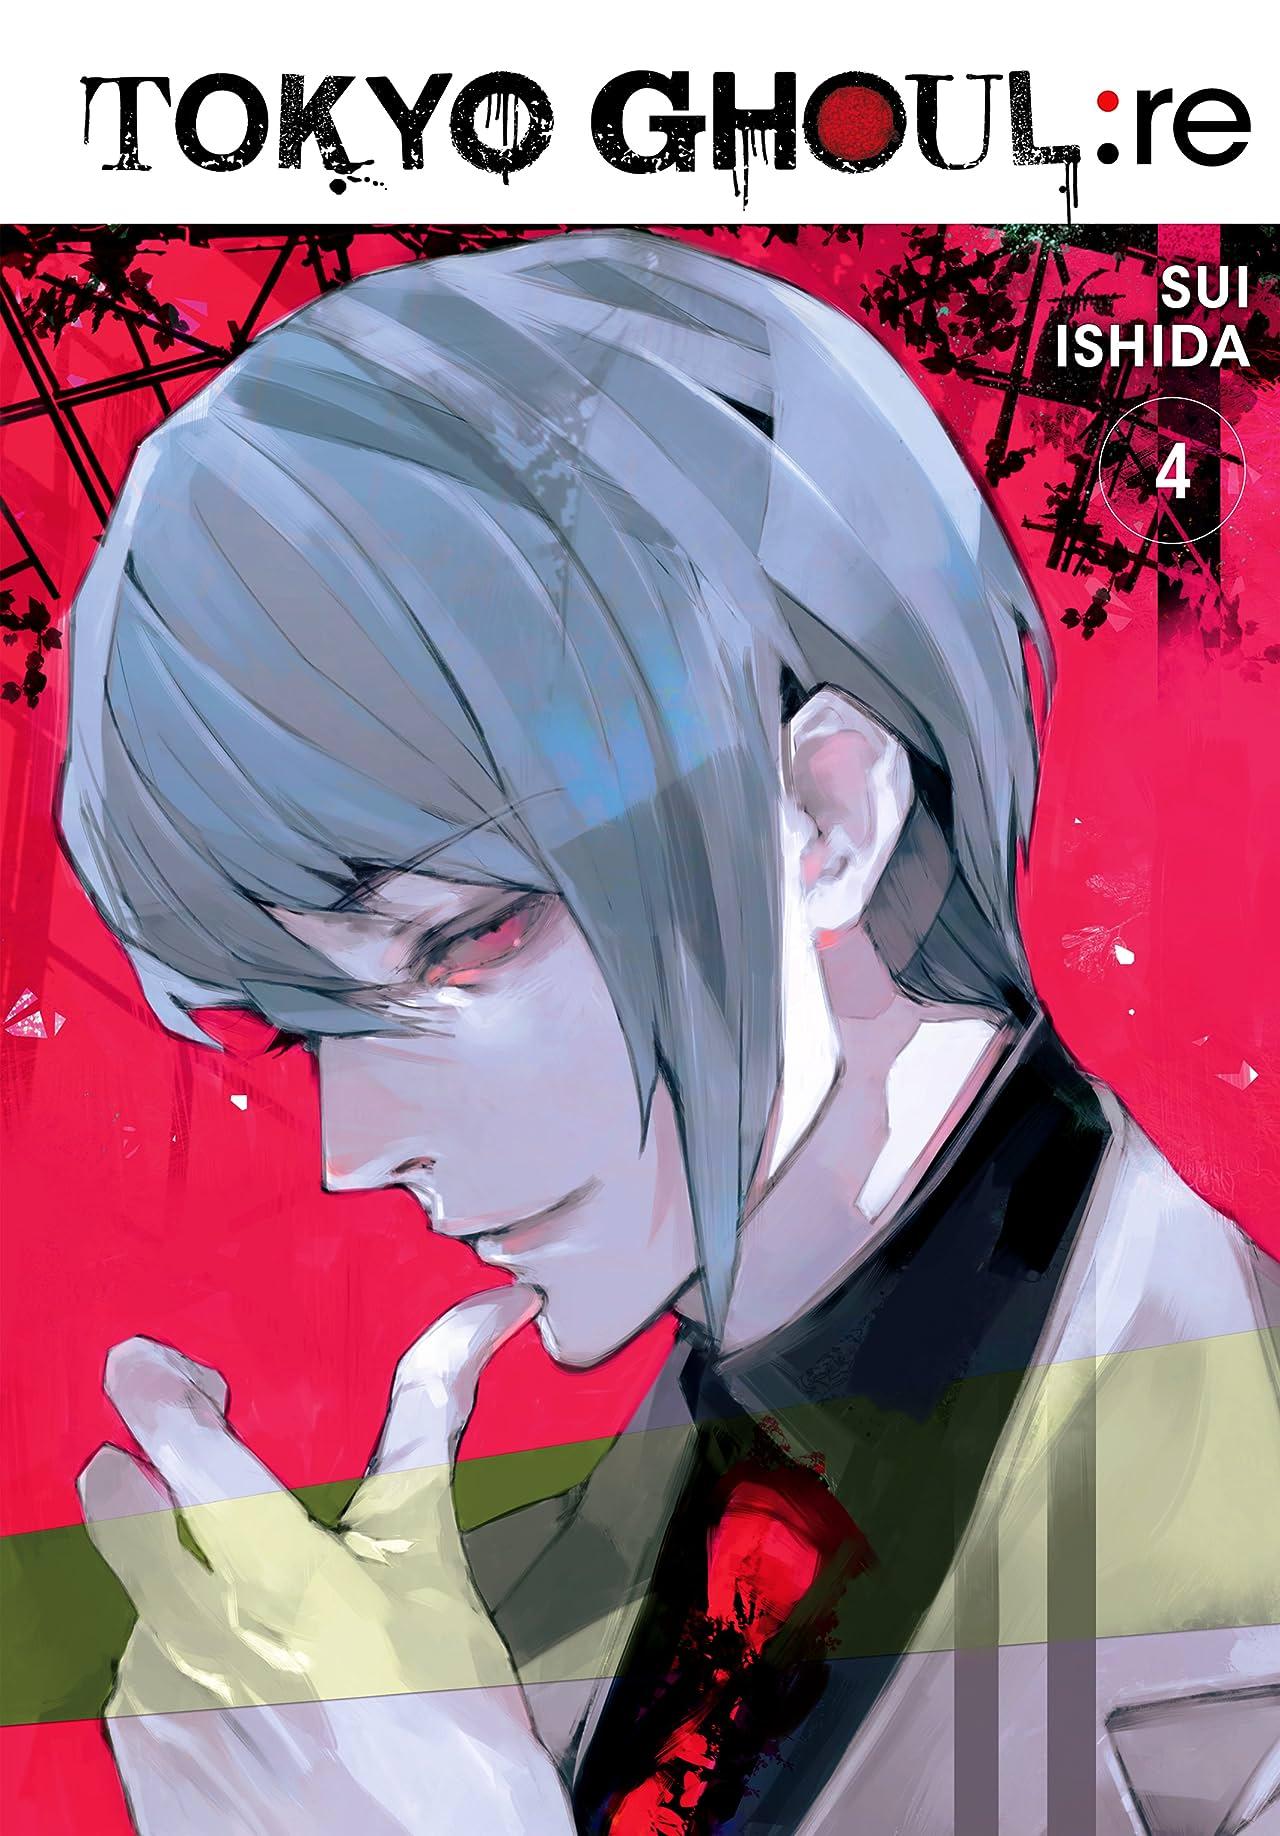 Tokyo Ghoul: re Vol. 4